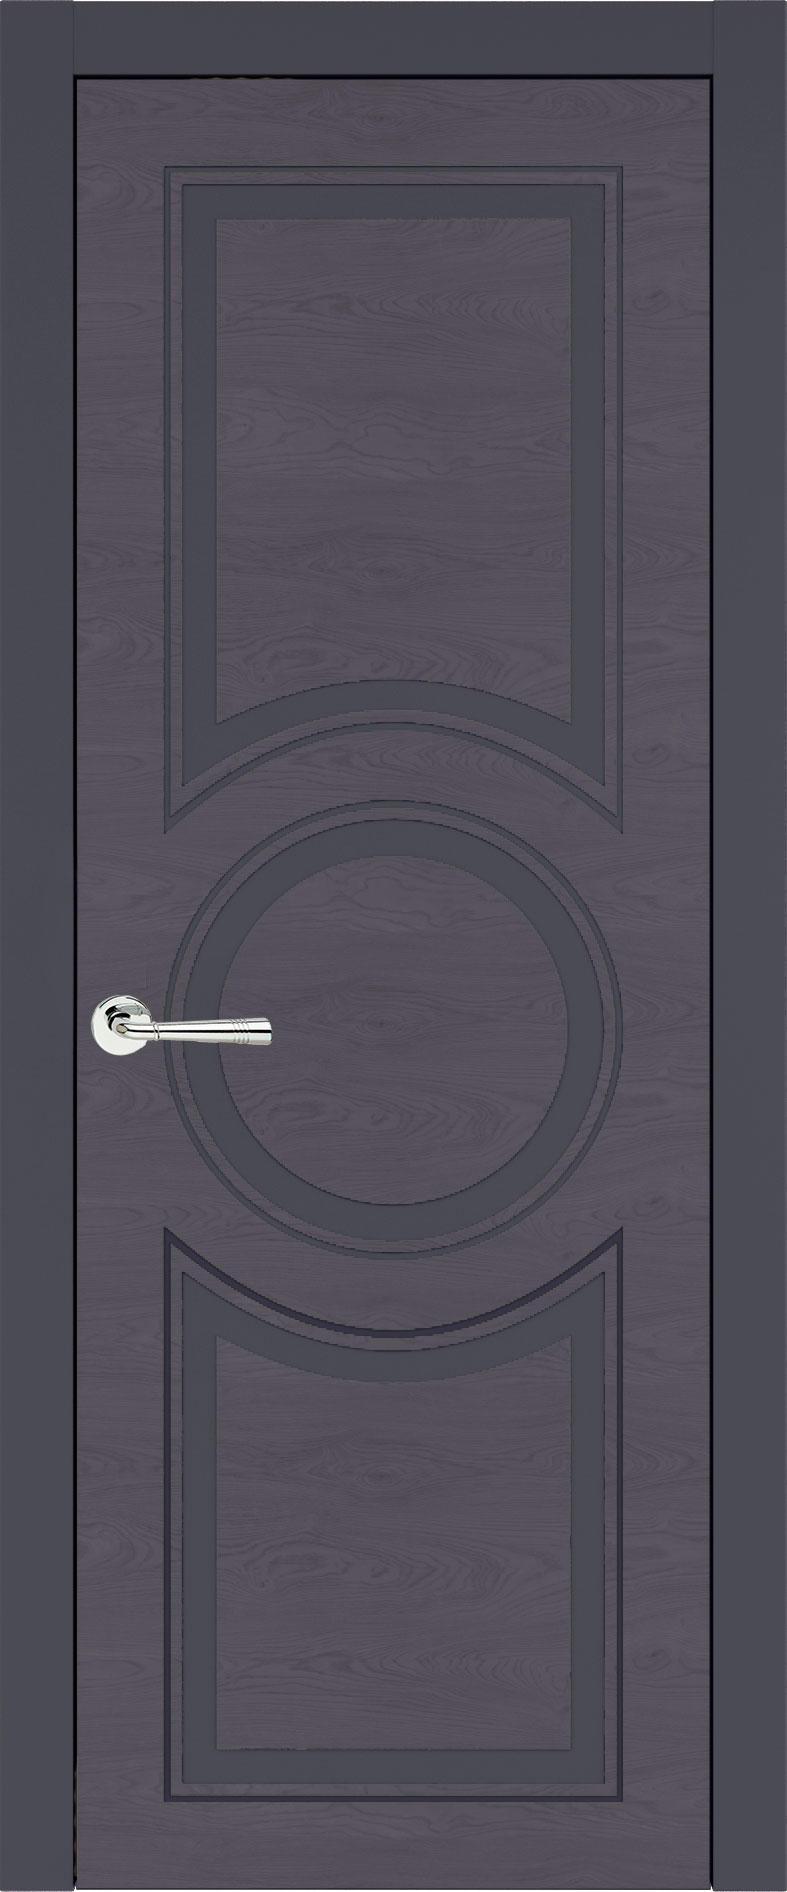 Ravenna Neo Classic цвет - Графитово-серая эмаль по шпону (RAL 7024) Без стекла (ДГ)